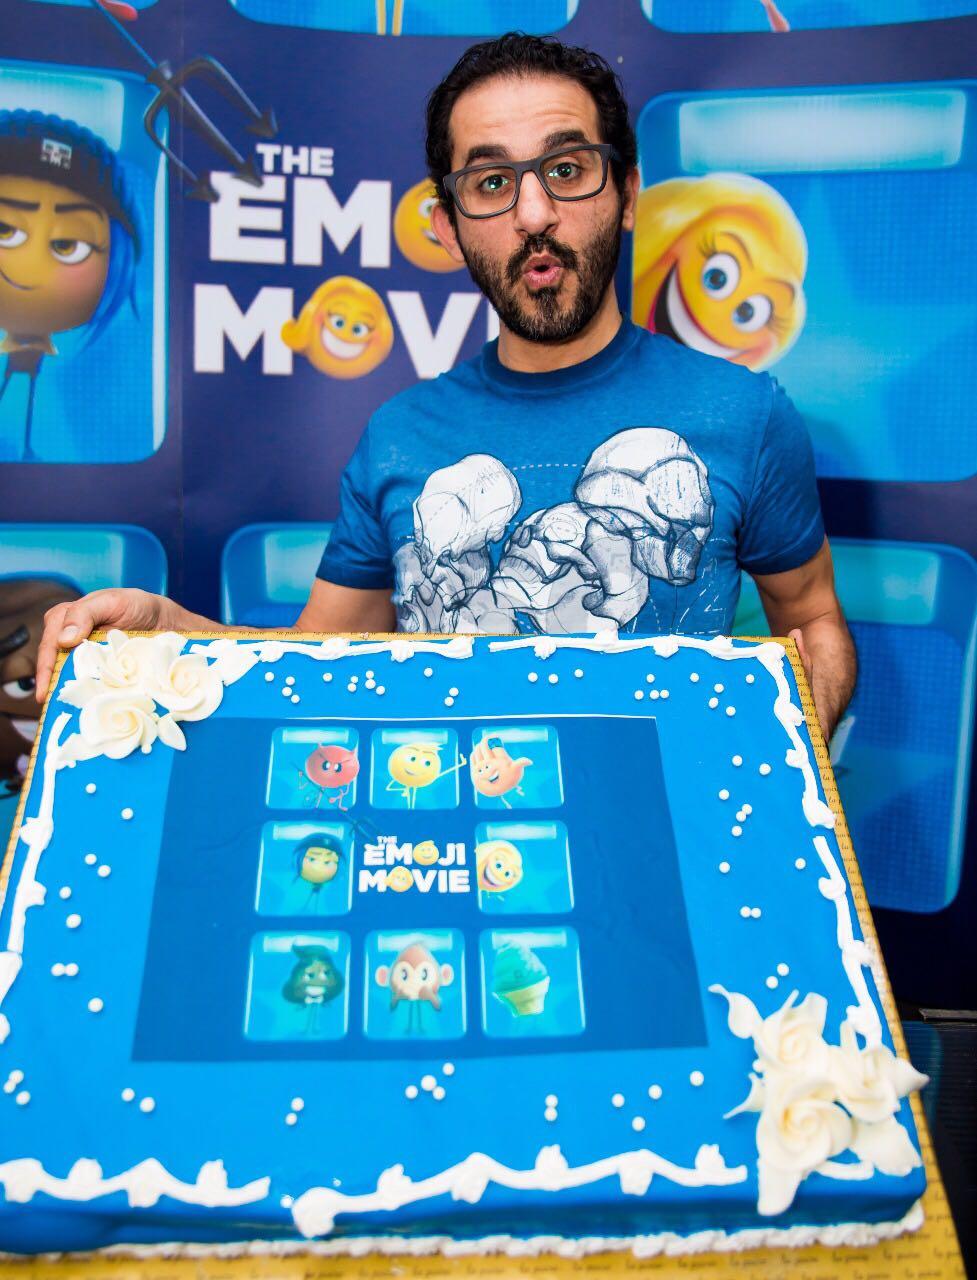 احمد حلمي يحتفل بفيلم الايموجيز